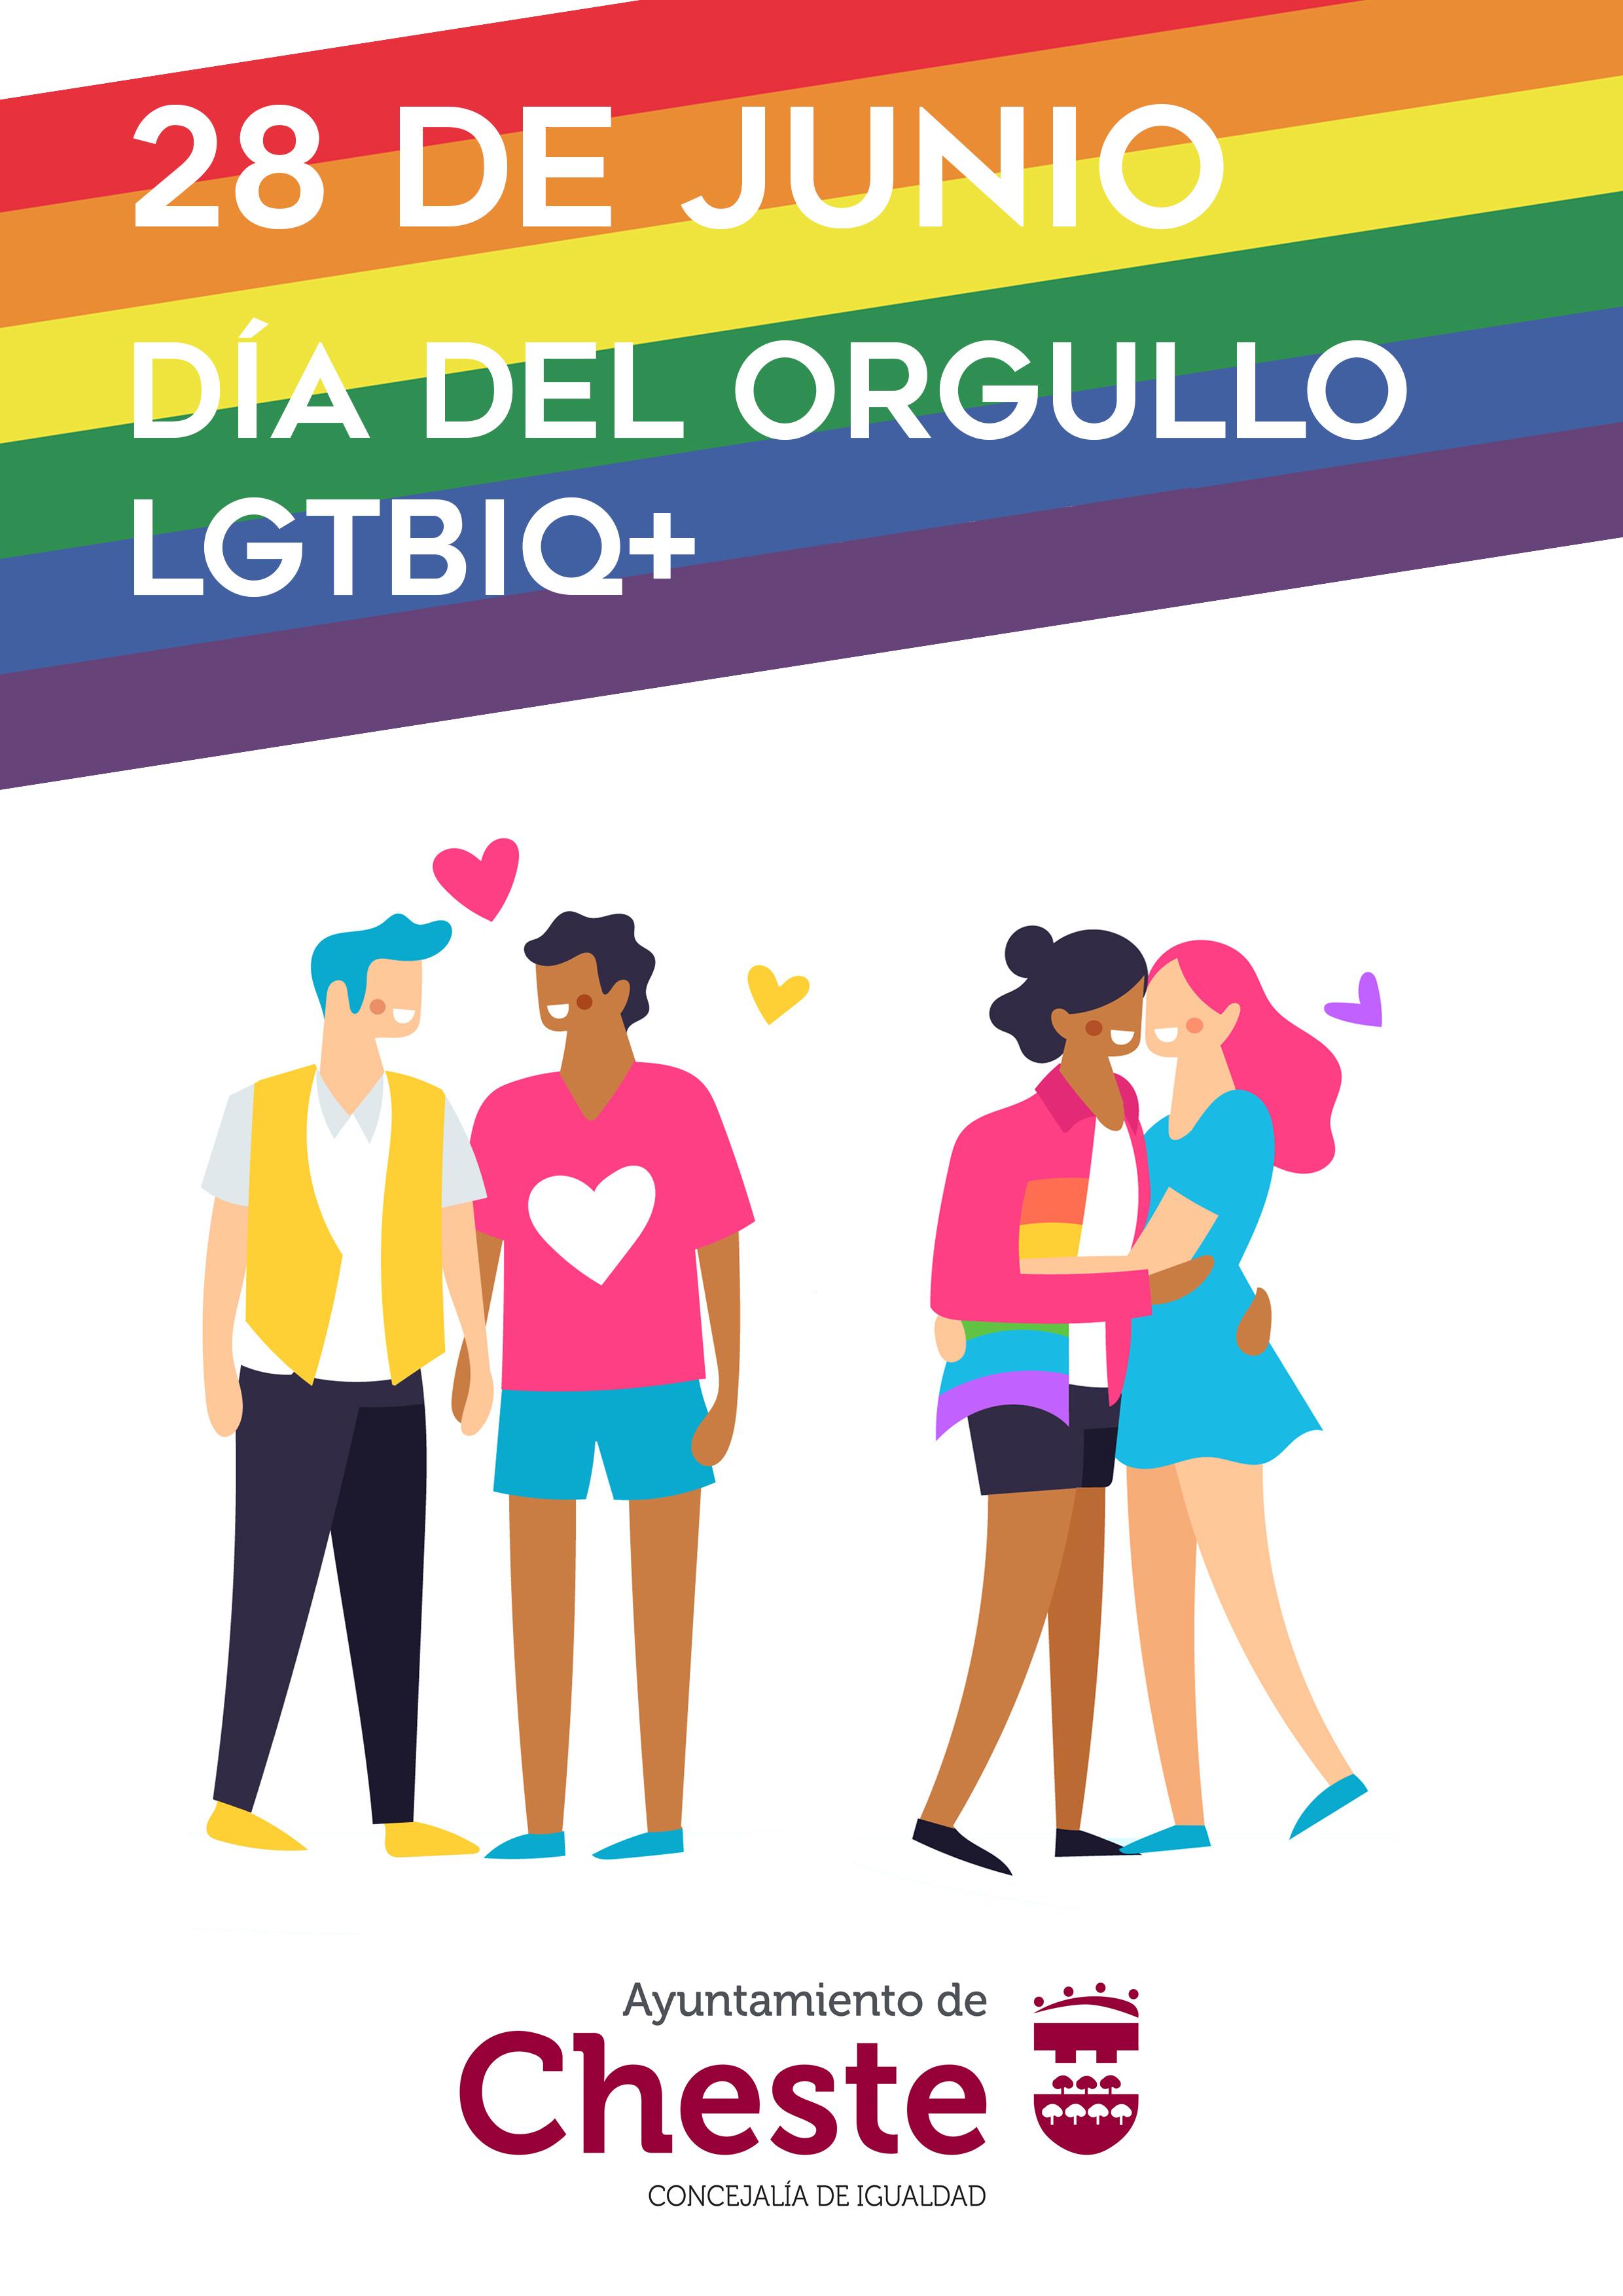 El Ayuntamiento impulsa una campaña con motivo de la celebración del Día del Orgullo LGTBI.